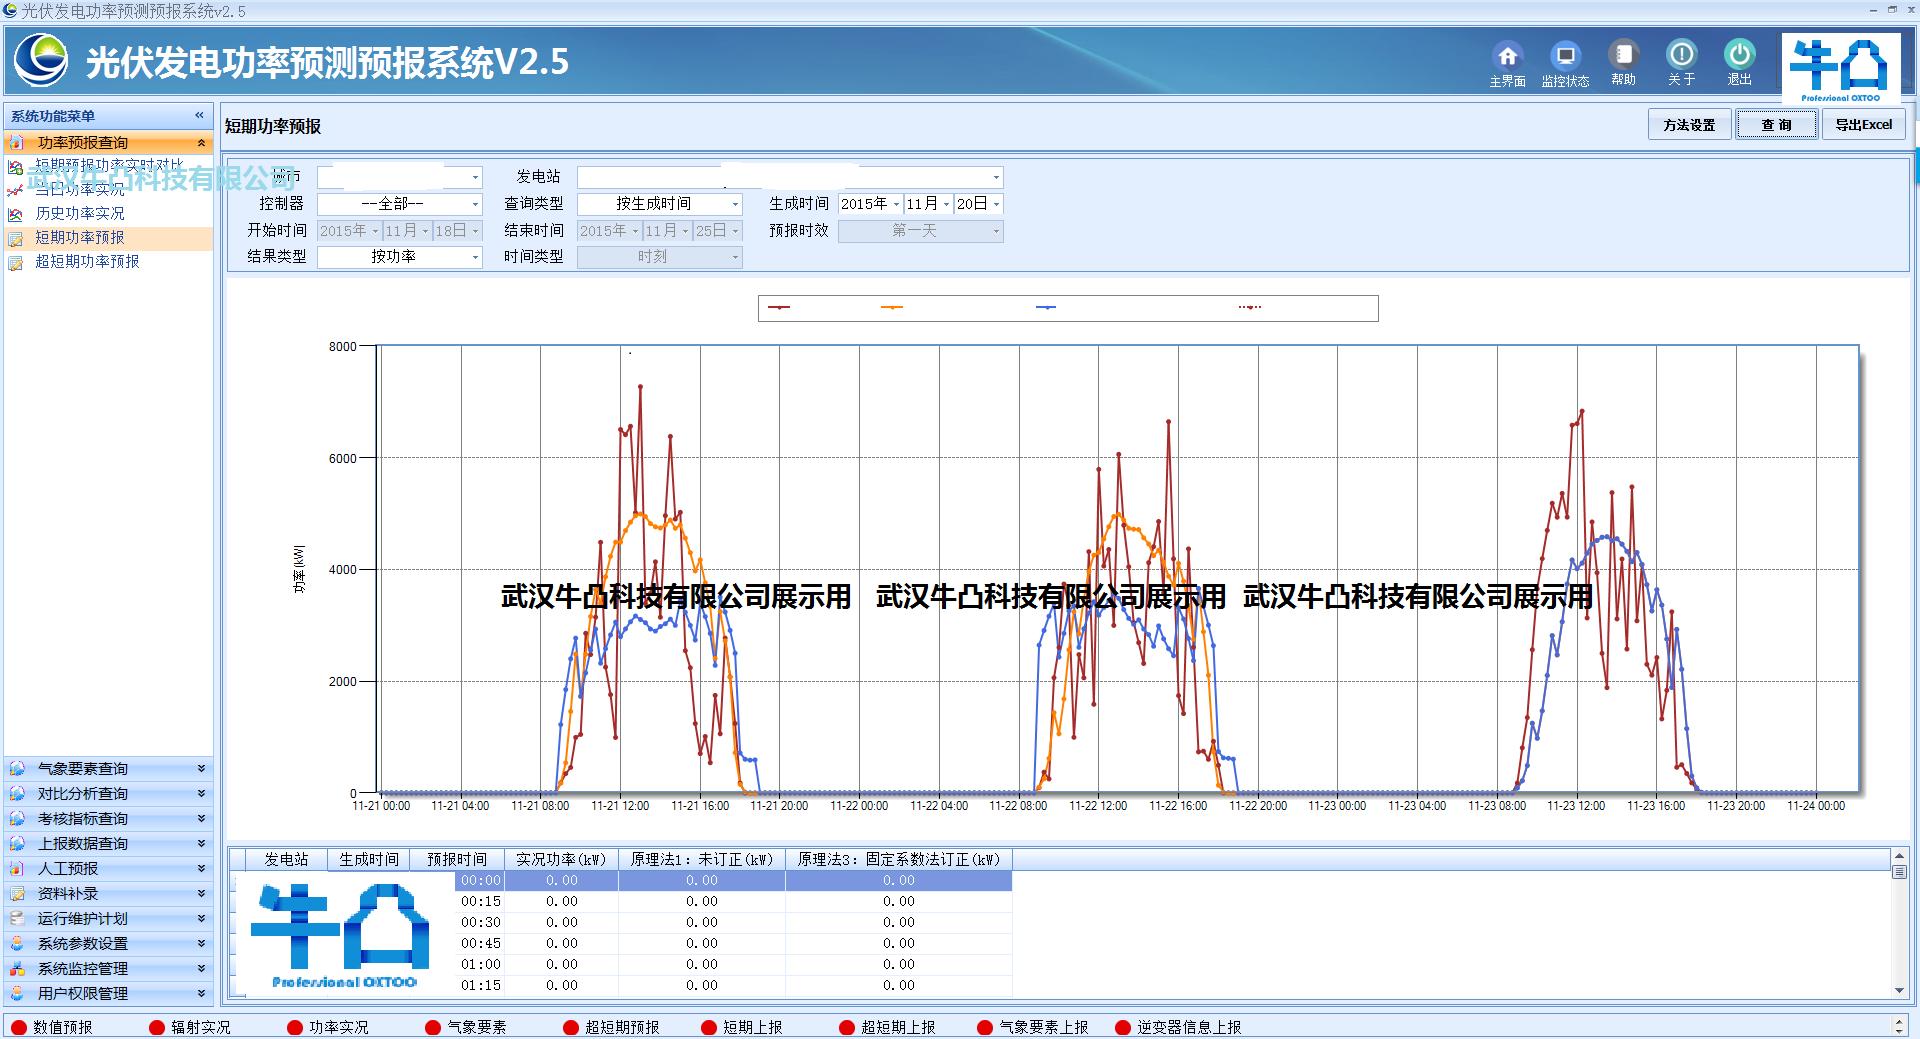 项目简介: 太阳能光伏发电预报系统为并网光伏电站和电力调度部门进行未来4小时和72小时短期上网电量预测服务。 目前试点推广单位包括湖北、甘肃、吉林、新疆、陕西、云南、宁夏、青海、甘肃、内蒙古等地气象部门和一些光伏电站。 系统通过结合气象局的数值预报产品中辐射等相关系数、当前实时远动检测系统的实时功率、历史功率辐射和电站内自动气象站辐射数据进行相关建模,有原理法和统计法等几种方法预报。 系统由两大部分组成:第一是管理查询系统,包含预报方法设置、系数设置、运行维护计划、实况预报对比和误差率分析等管理查询功能;